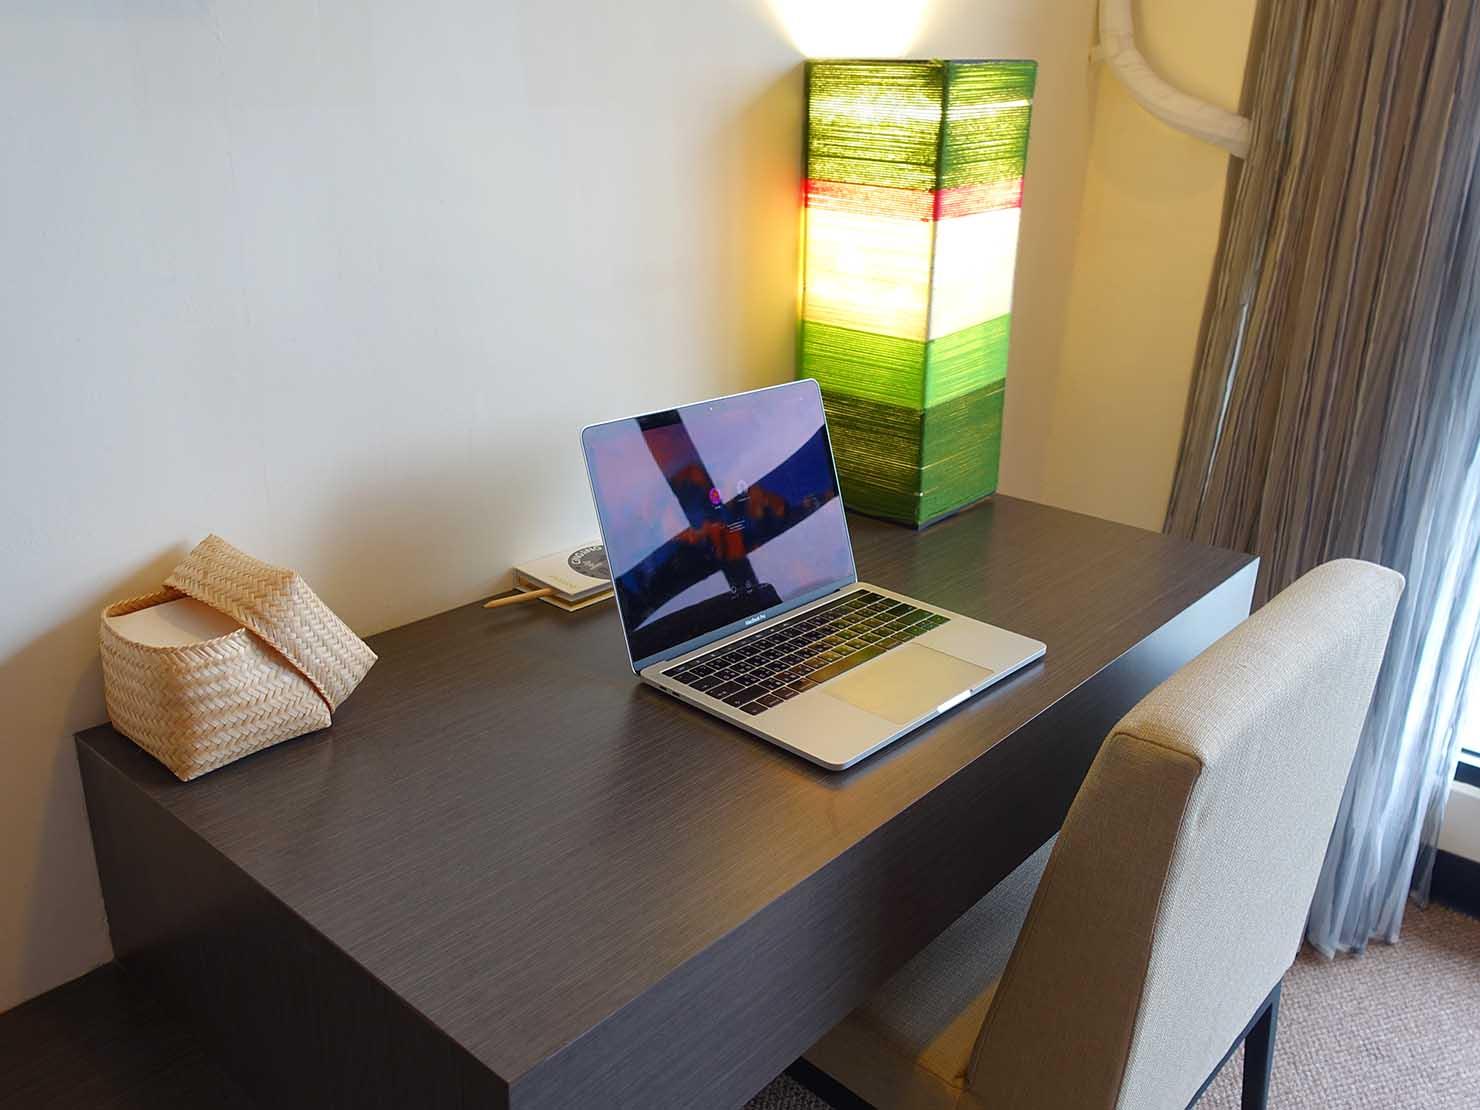 台湾・台東市街のおすすめホテル「MATA家屋」の守護雙人房(ダブルルーム)のテーブル